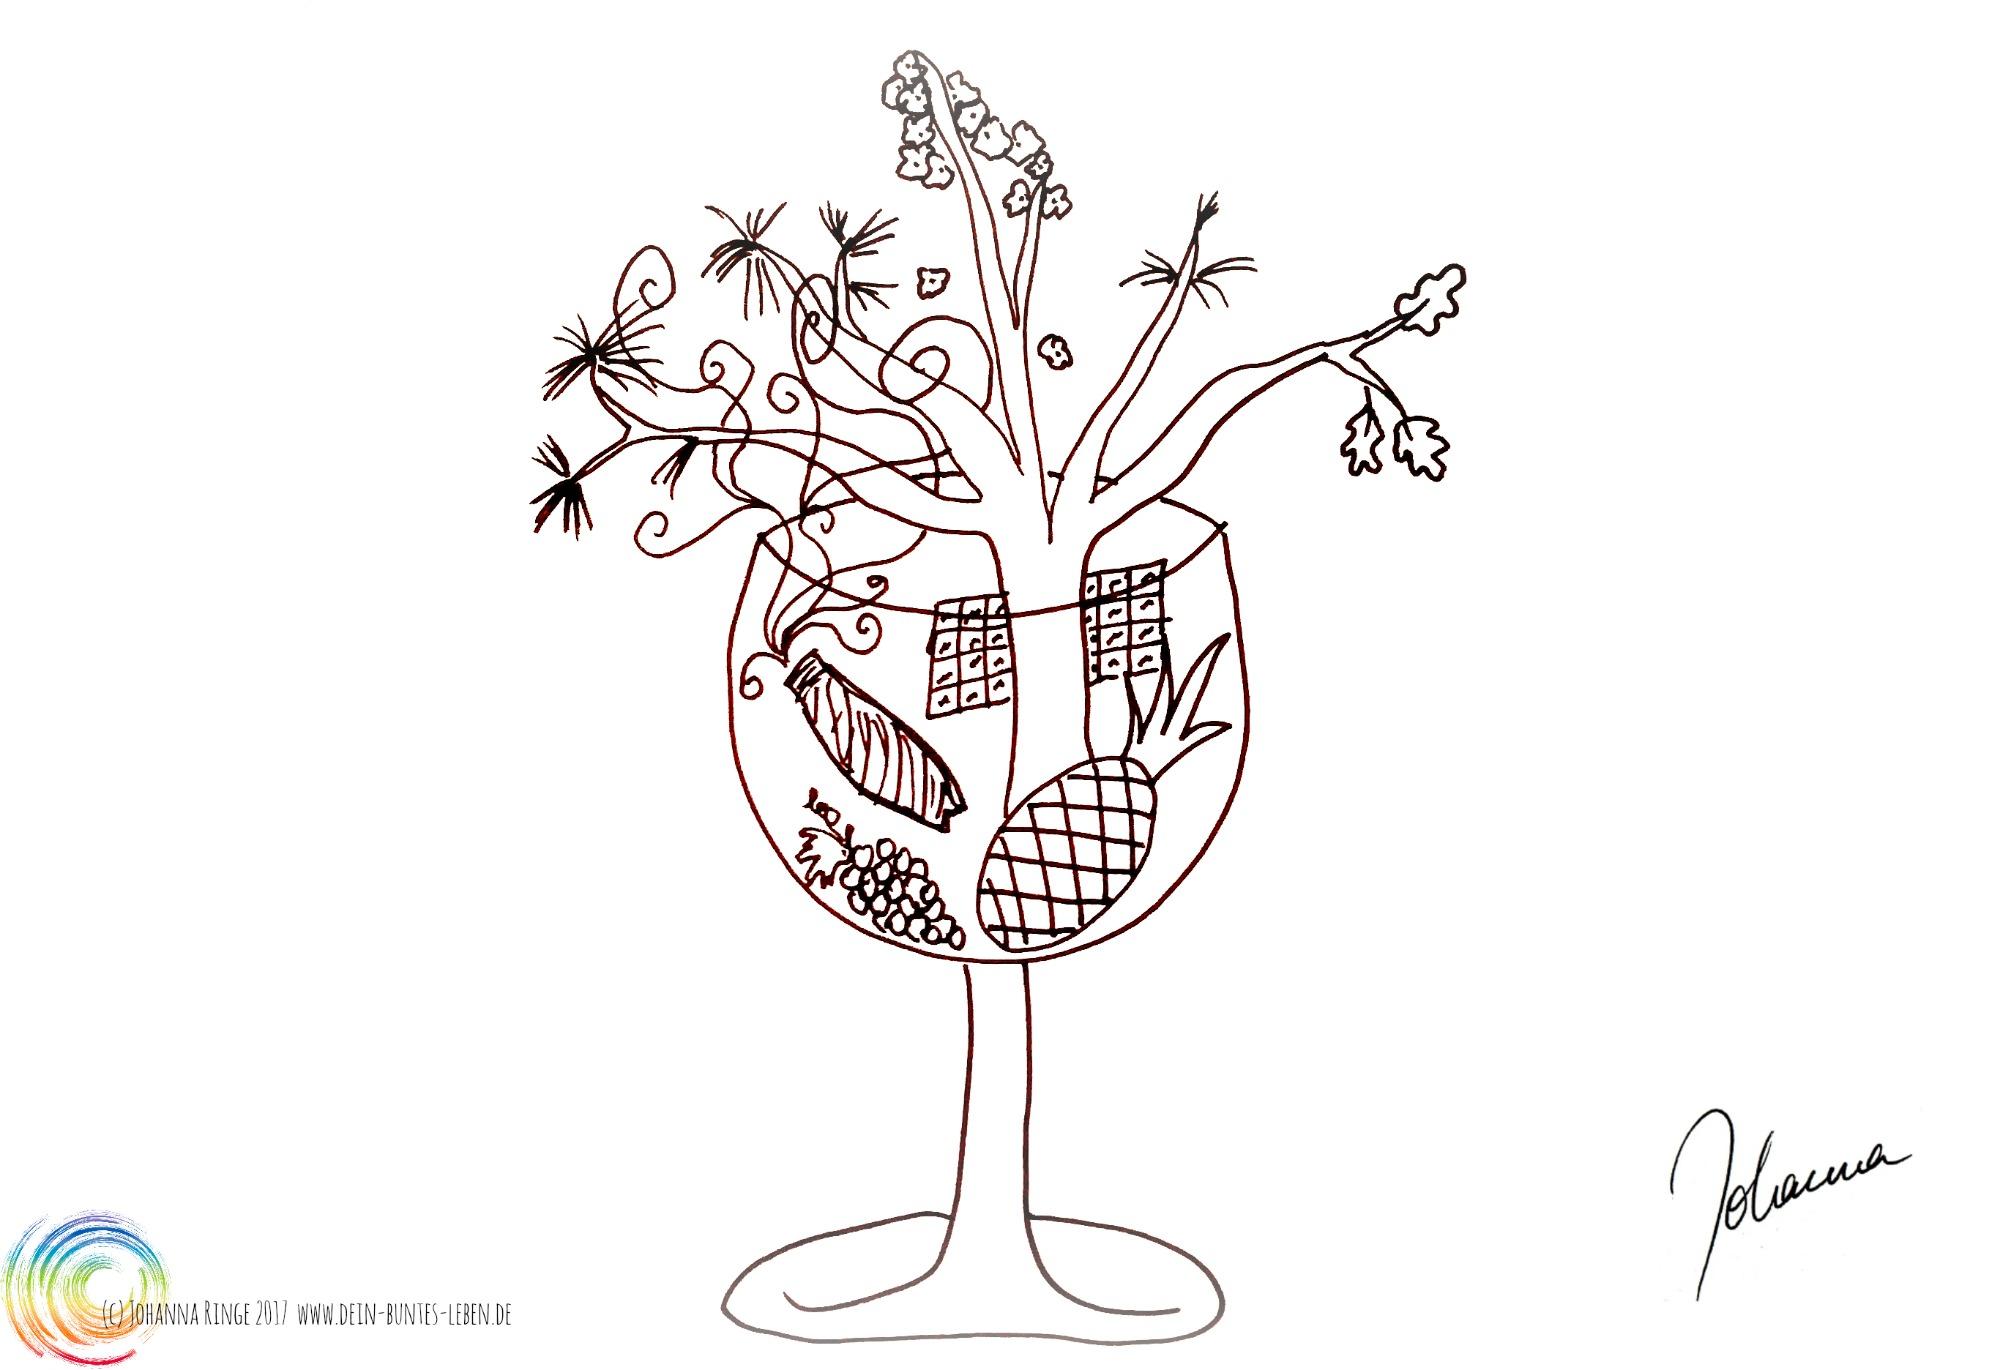 Zeichnung eines Weinglases aus dem ein Baum wächst, eine Ananas, eine Zigarre, Trauben und eine Schokoladentafel : Konfliktpotential (c) 2017 Johanna Ringe www.dein-buntes-leben.de (c)